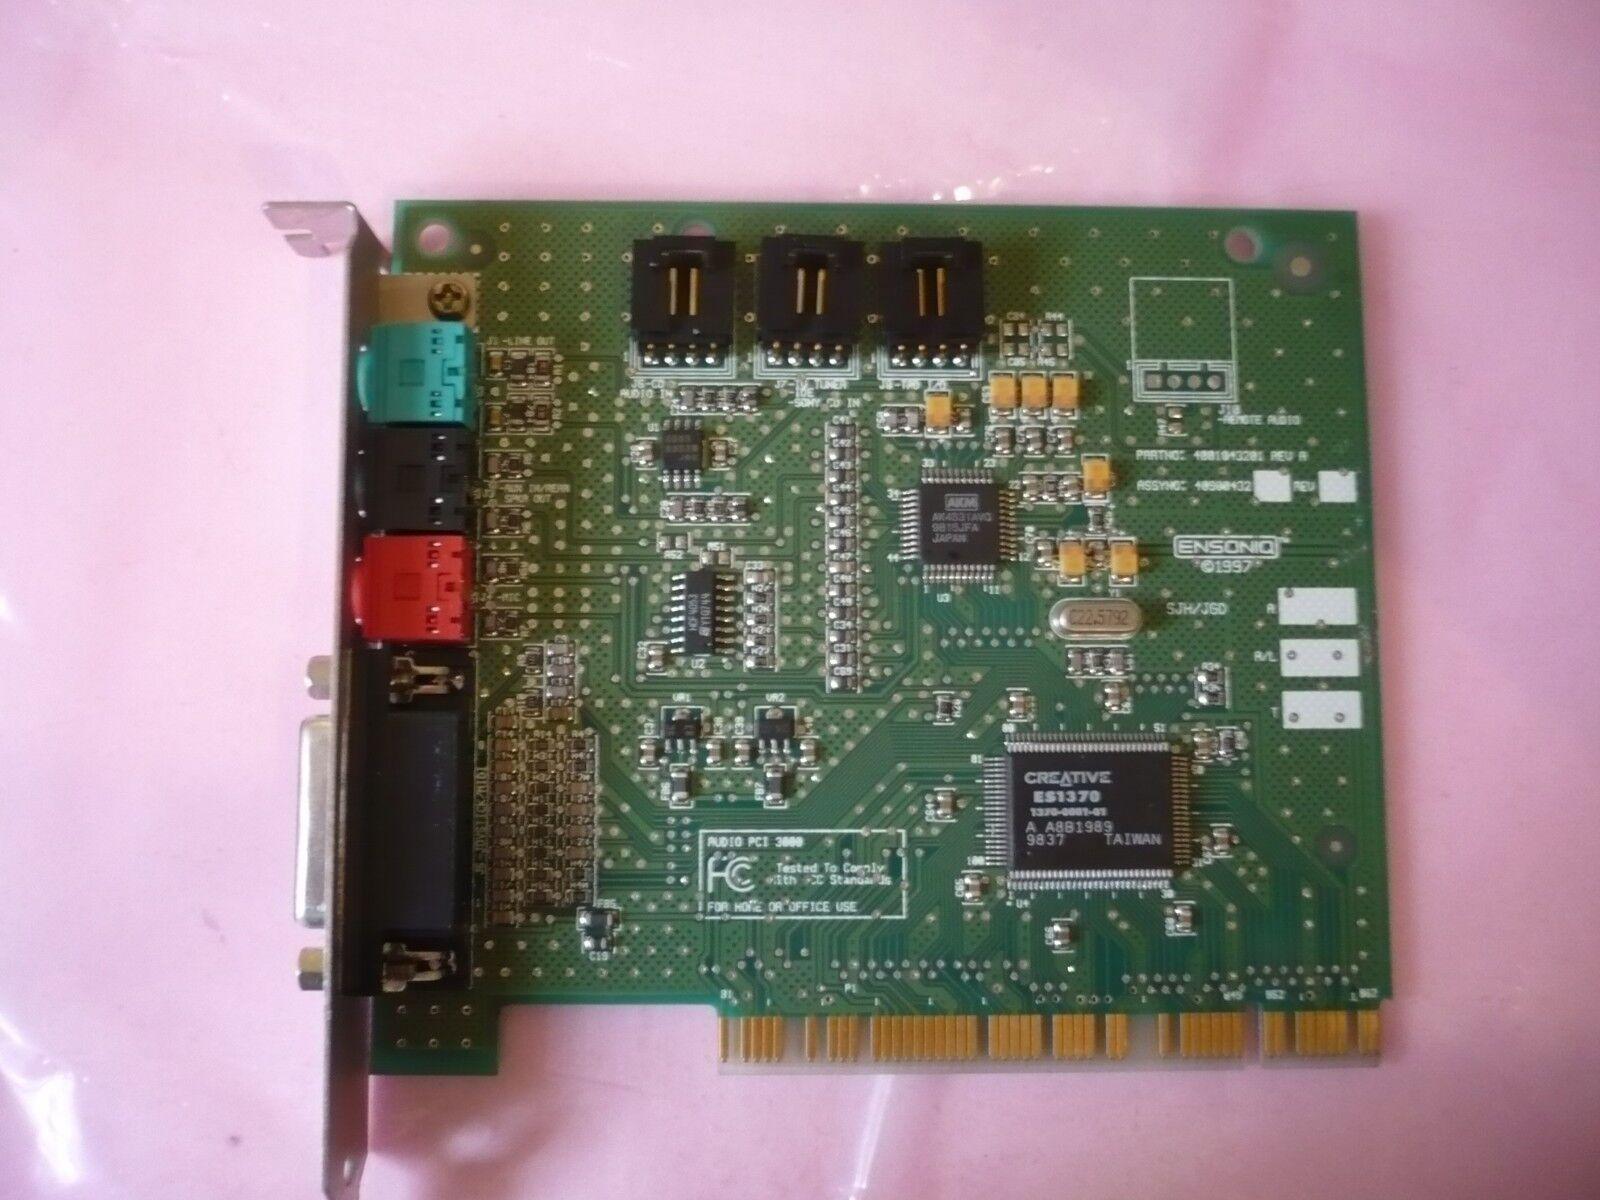 Ensoniq Es1370 Audio PCI 3000 Sound Card 4001043201 Rev a